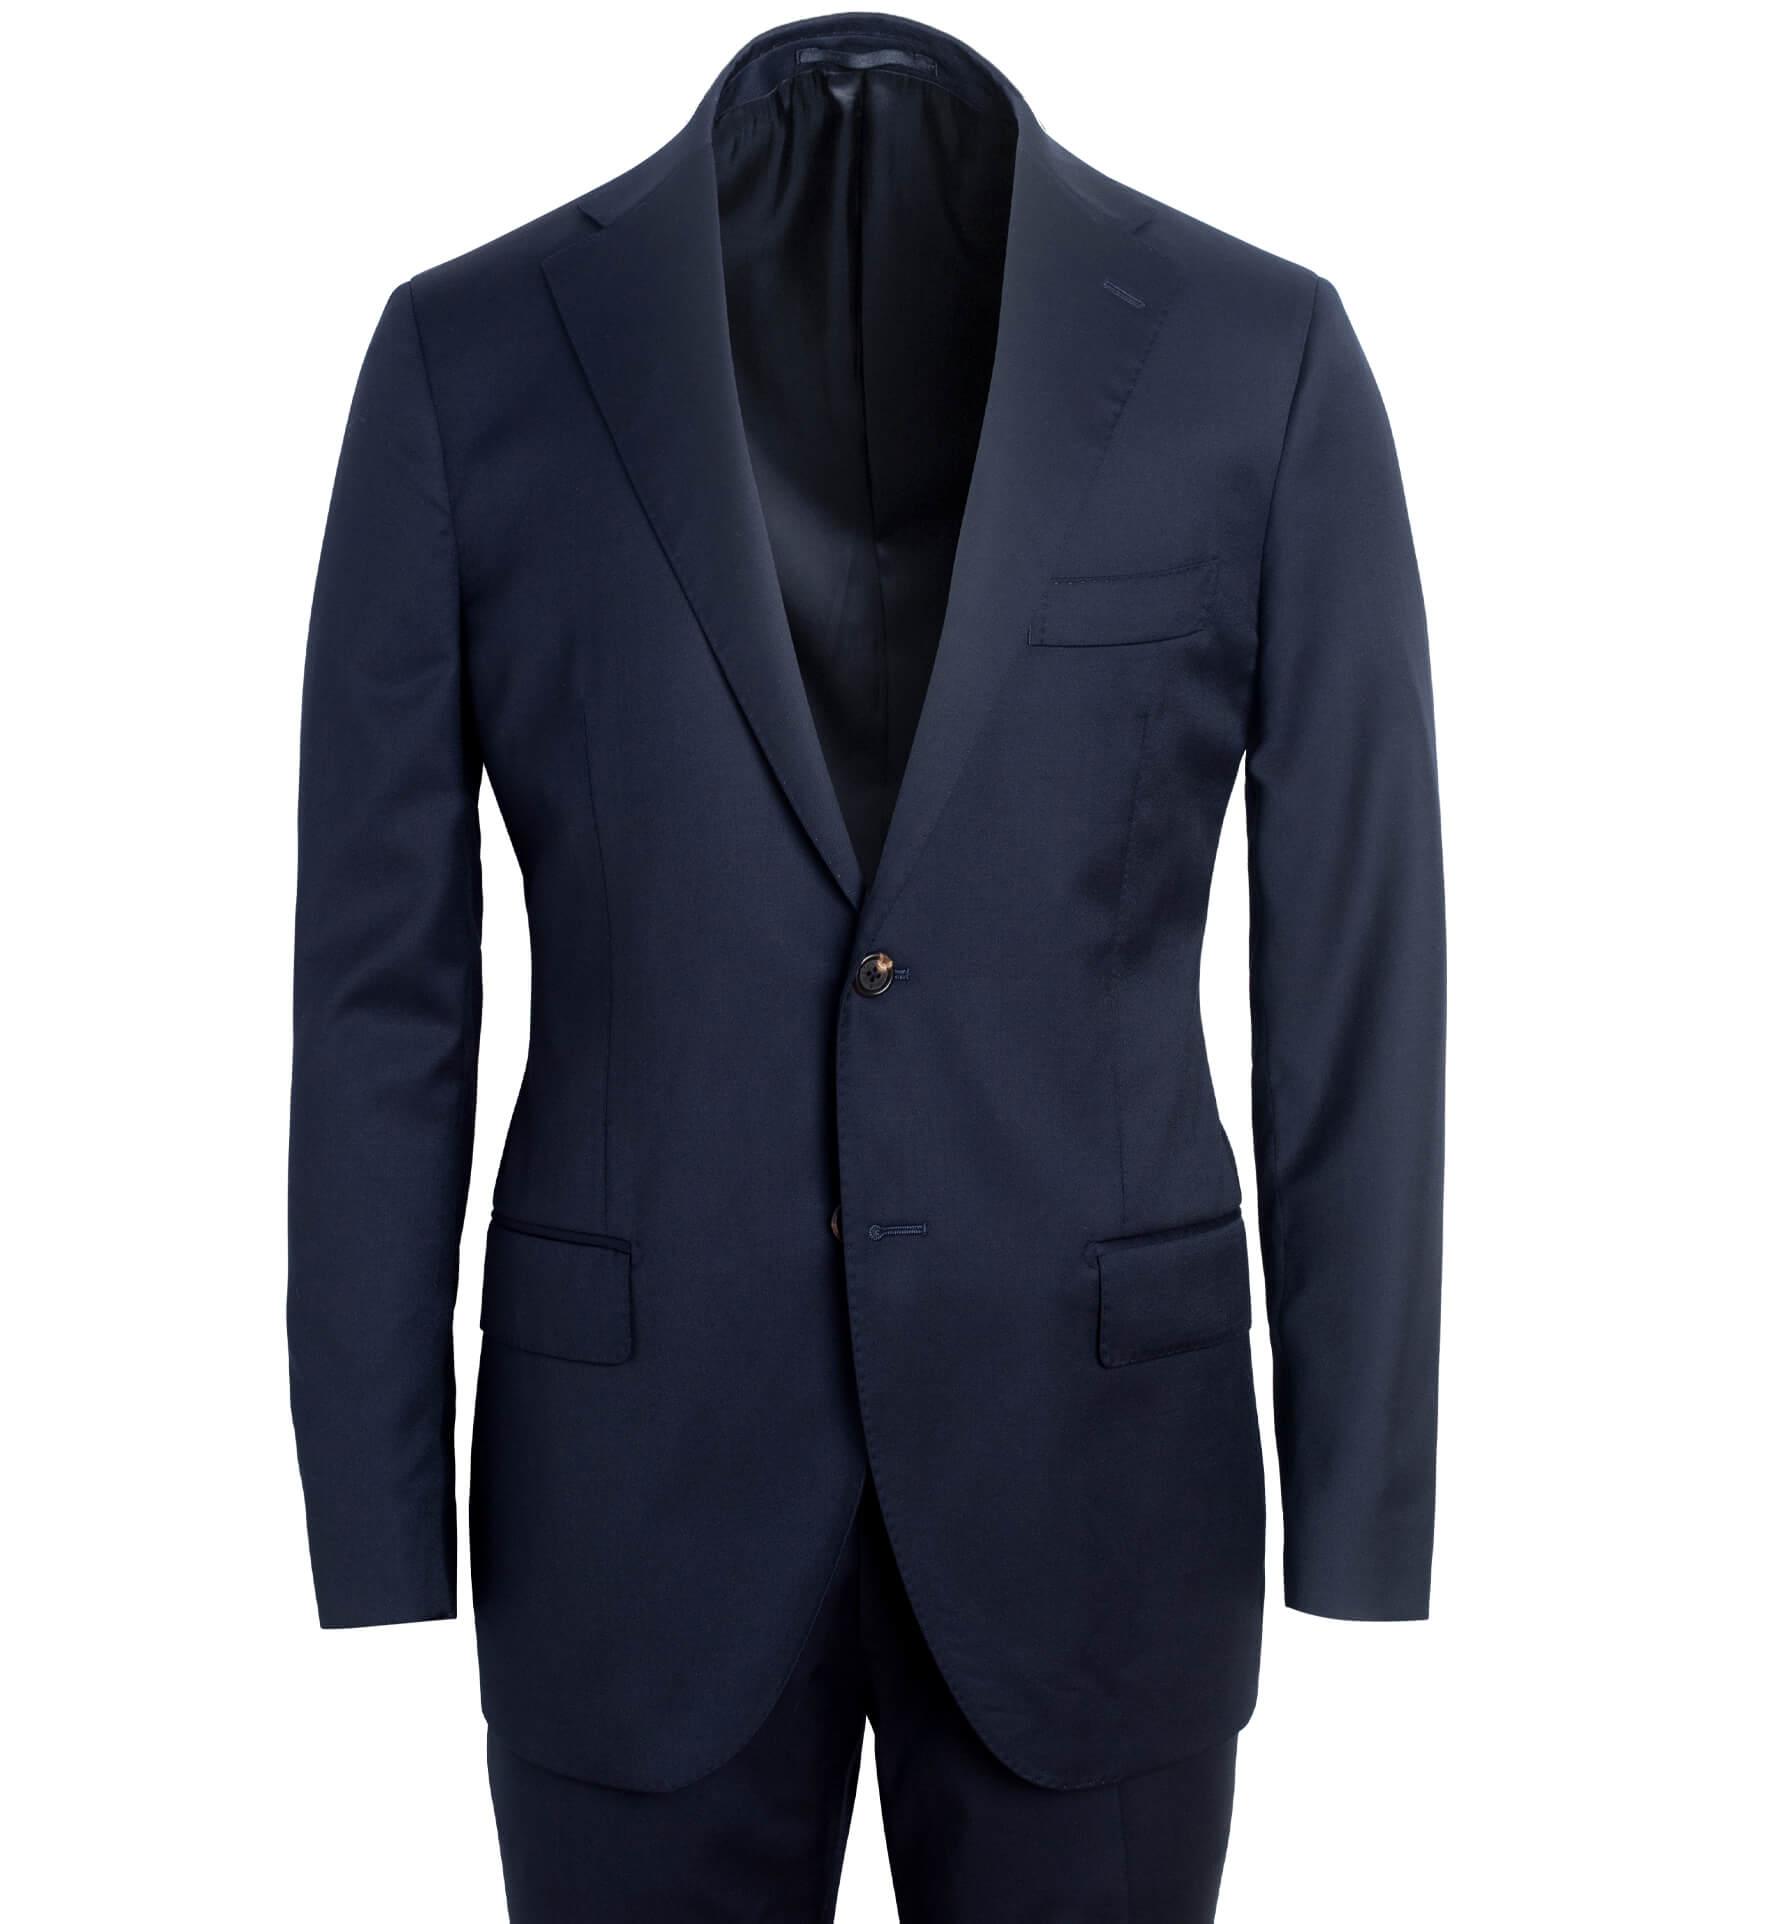 Zoom Image of Allen Navy S130s Wool Suit